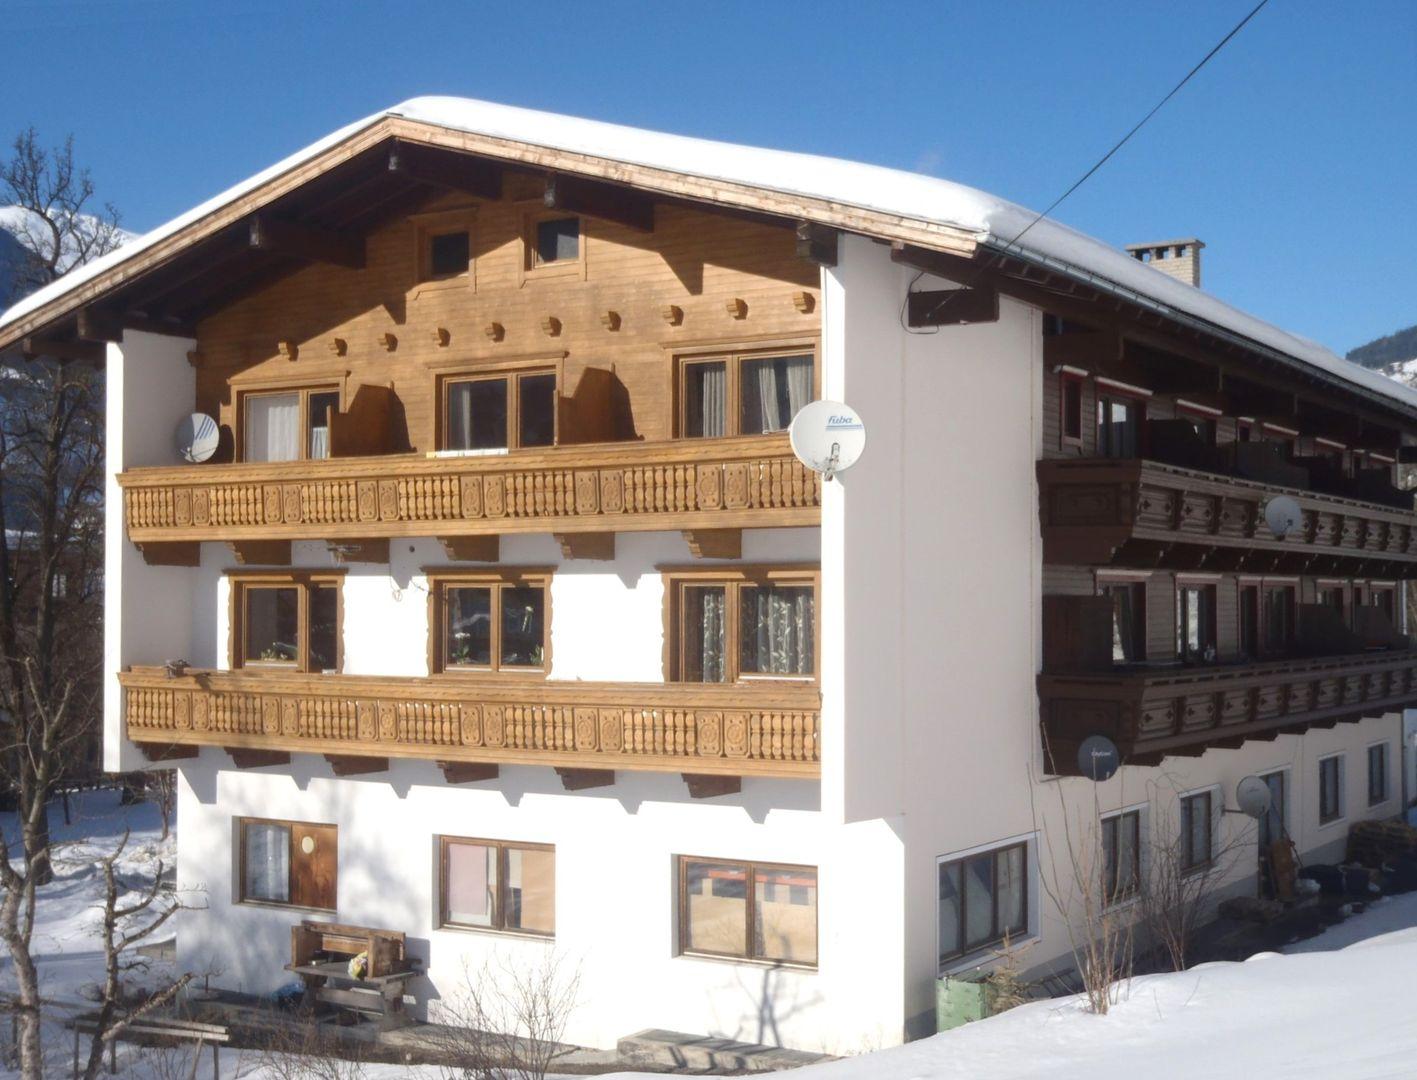 Mayrhofen - Gastehaus Pendl